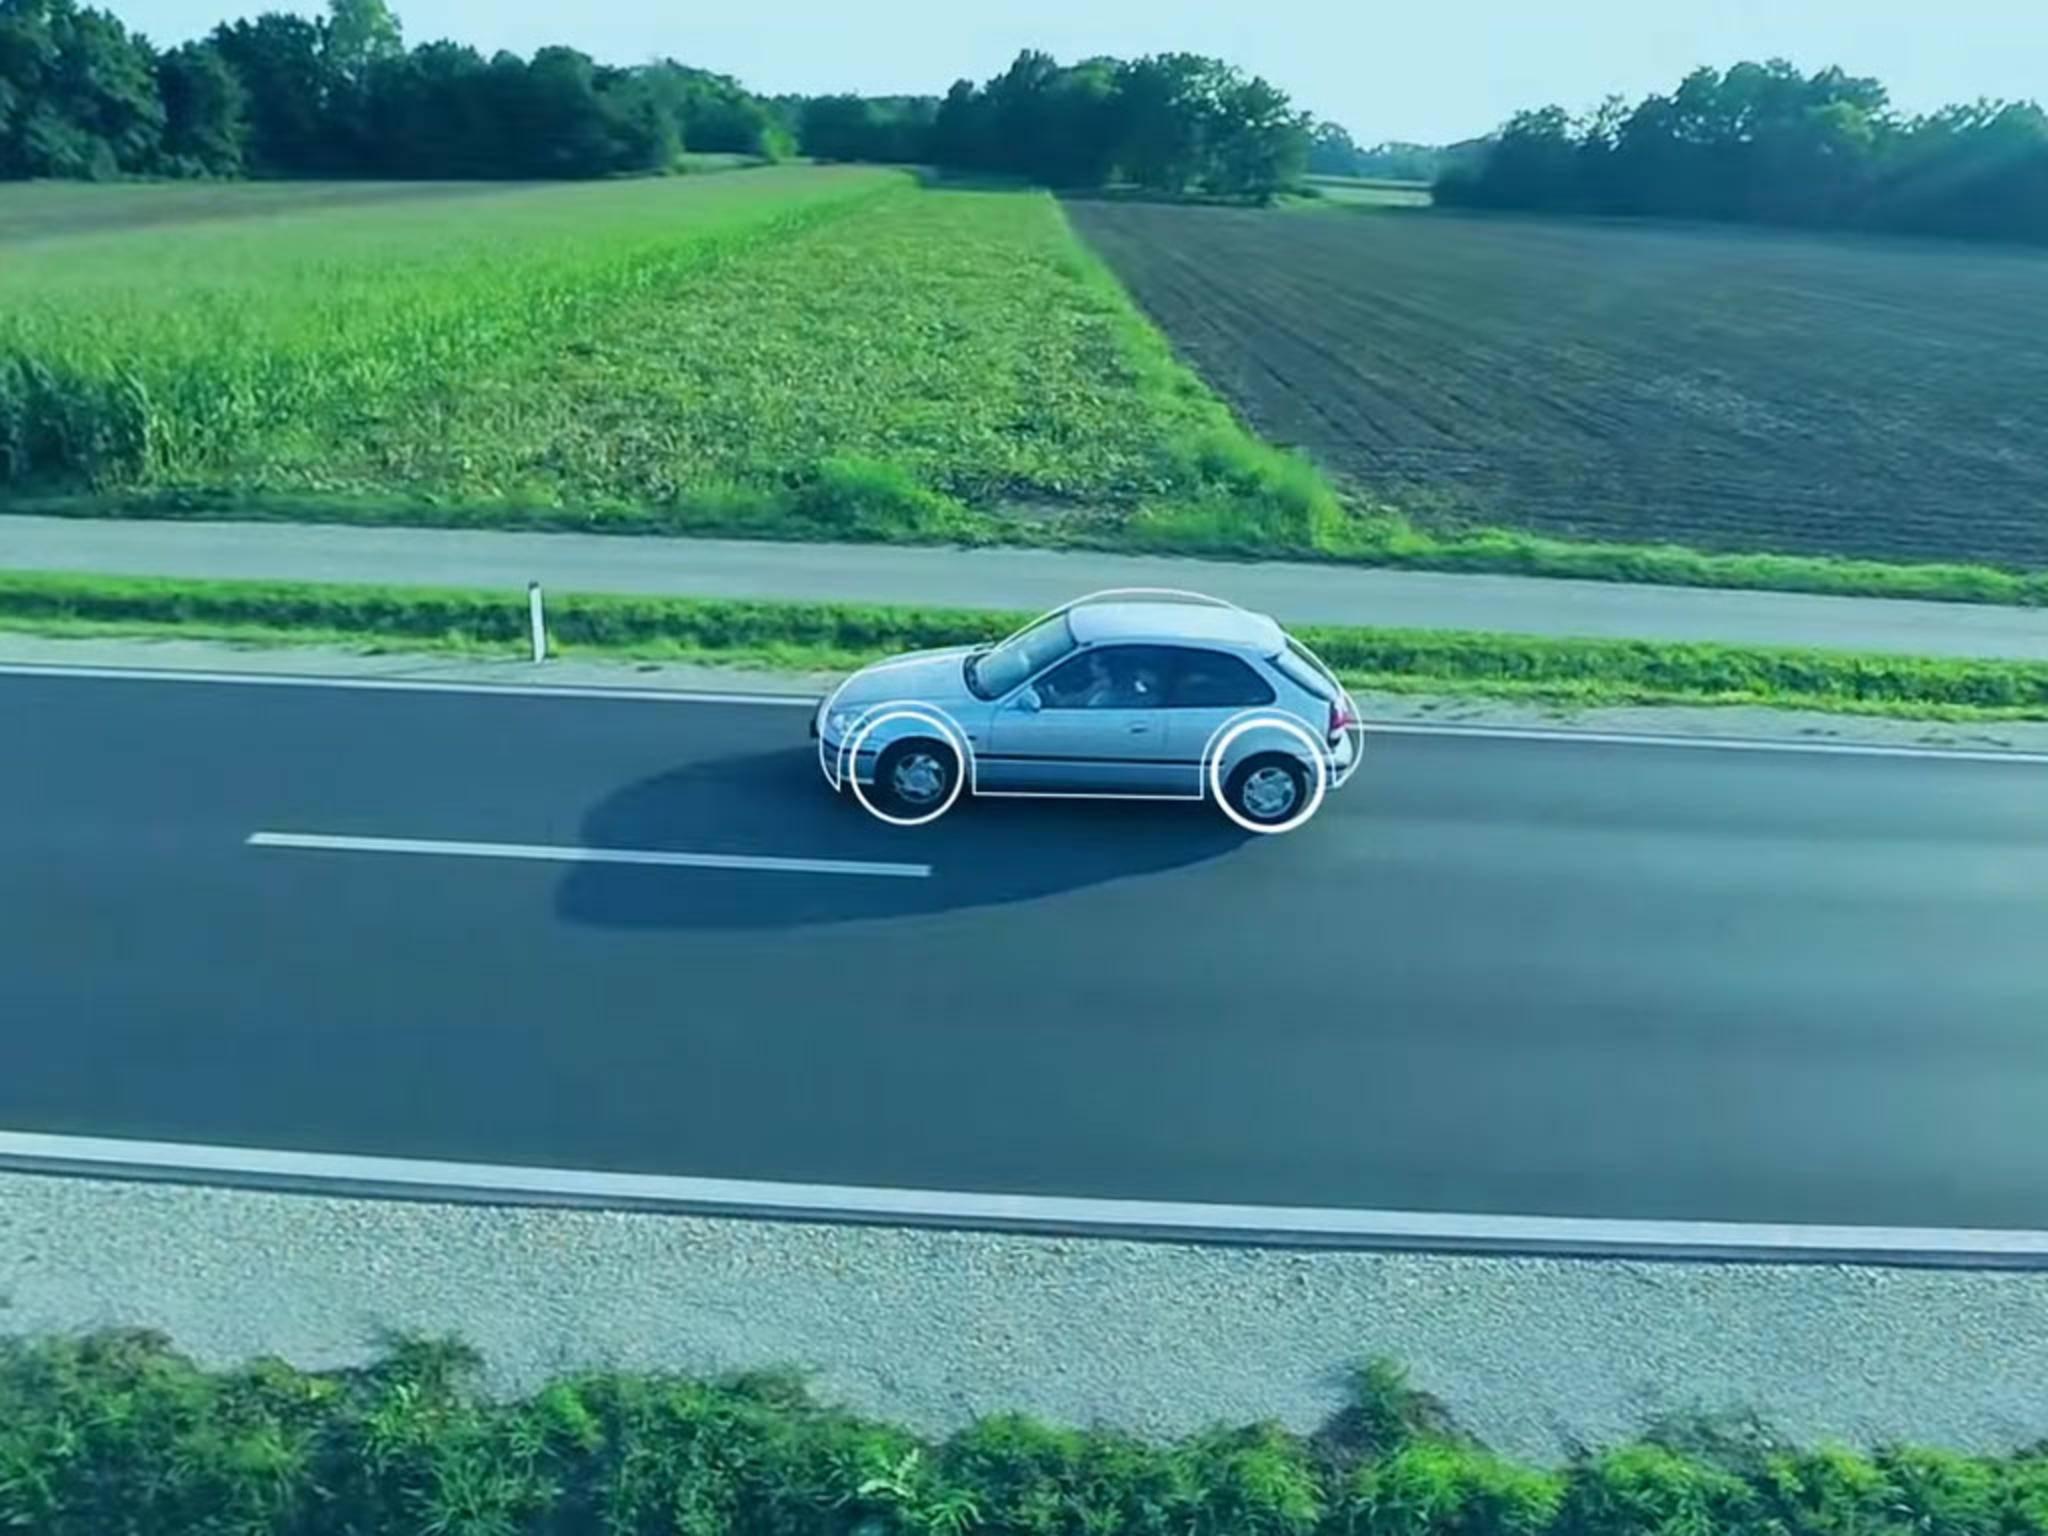 Pace verwandelt ein normales Auto in ein Connected Car.